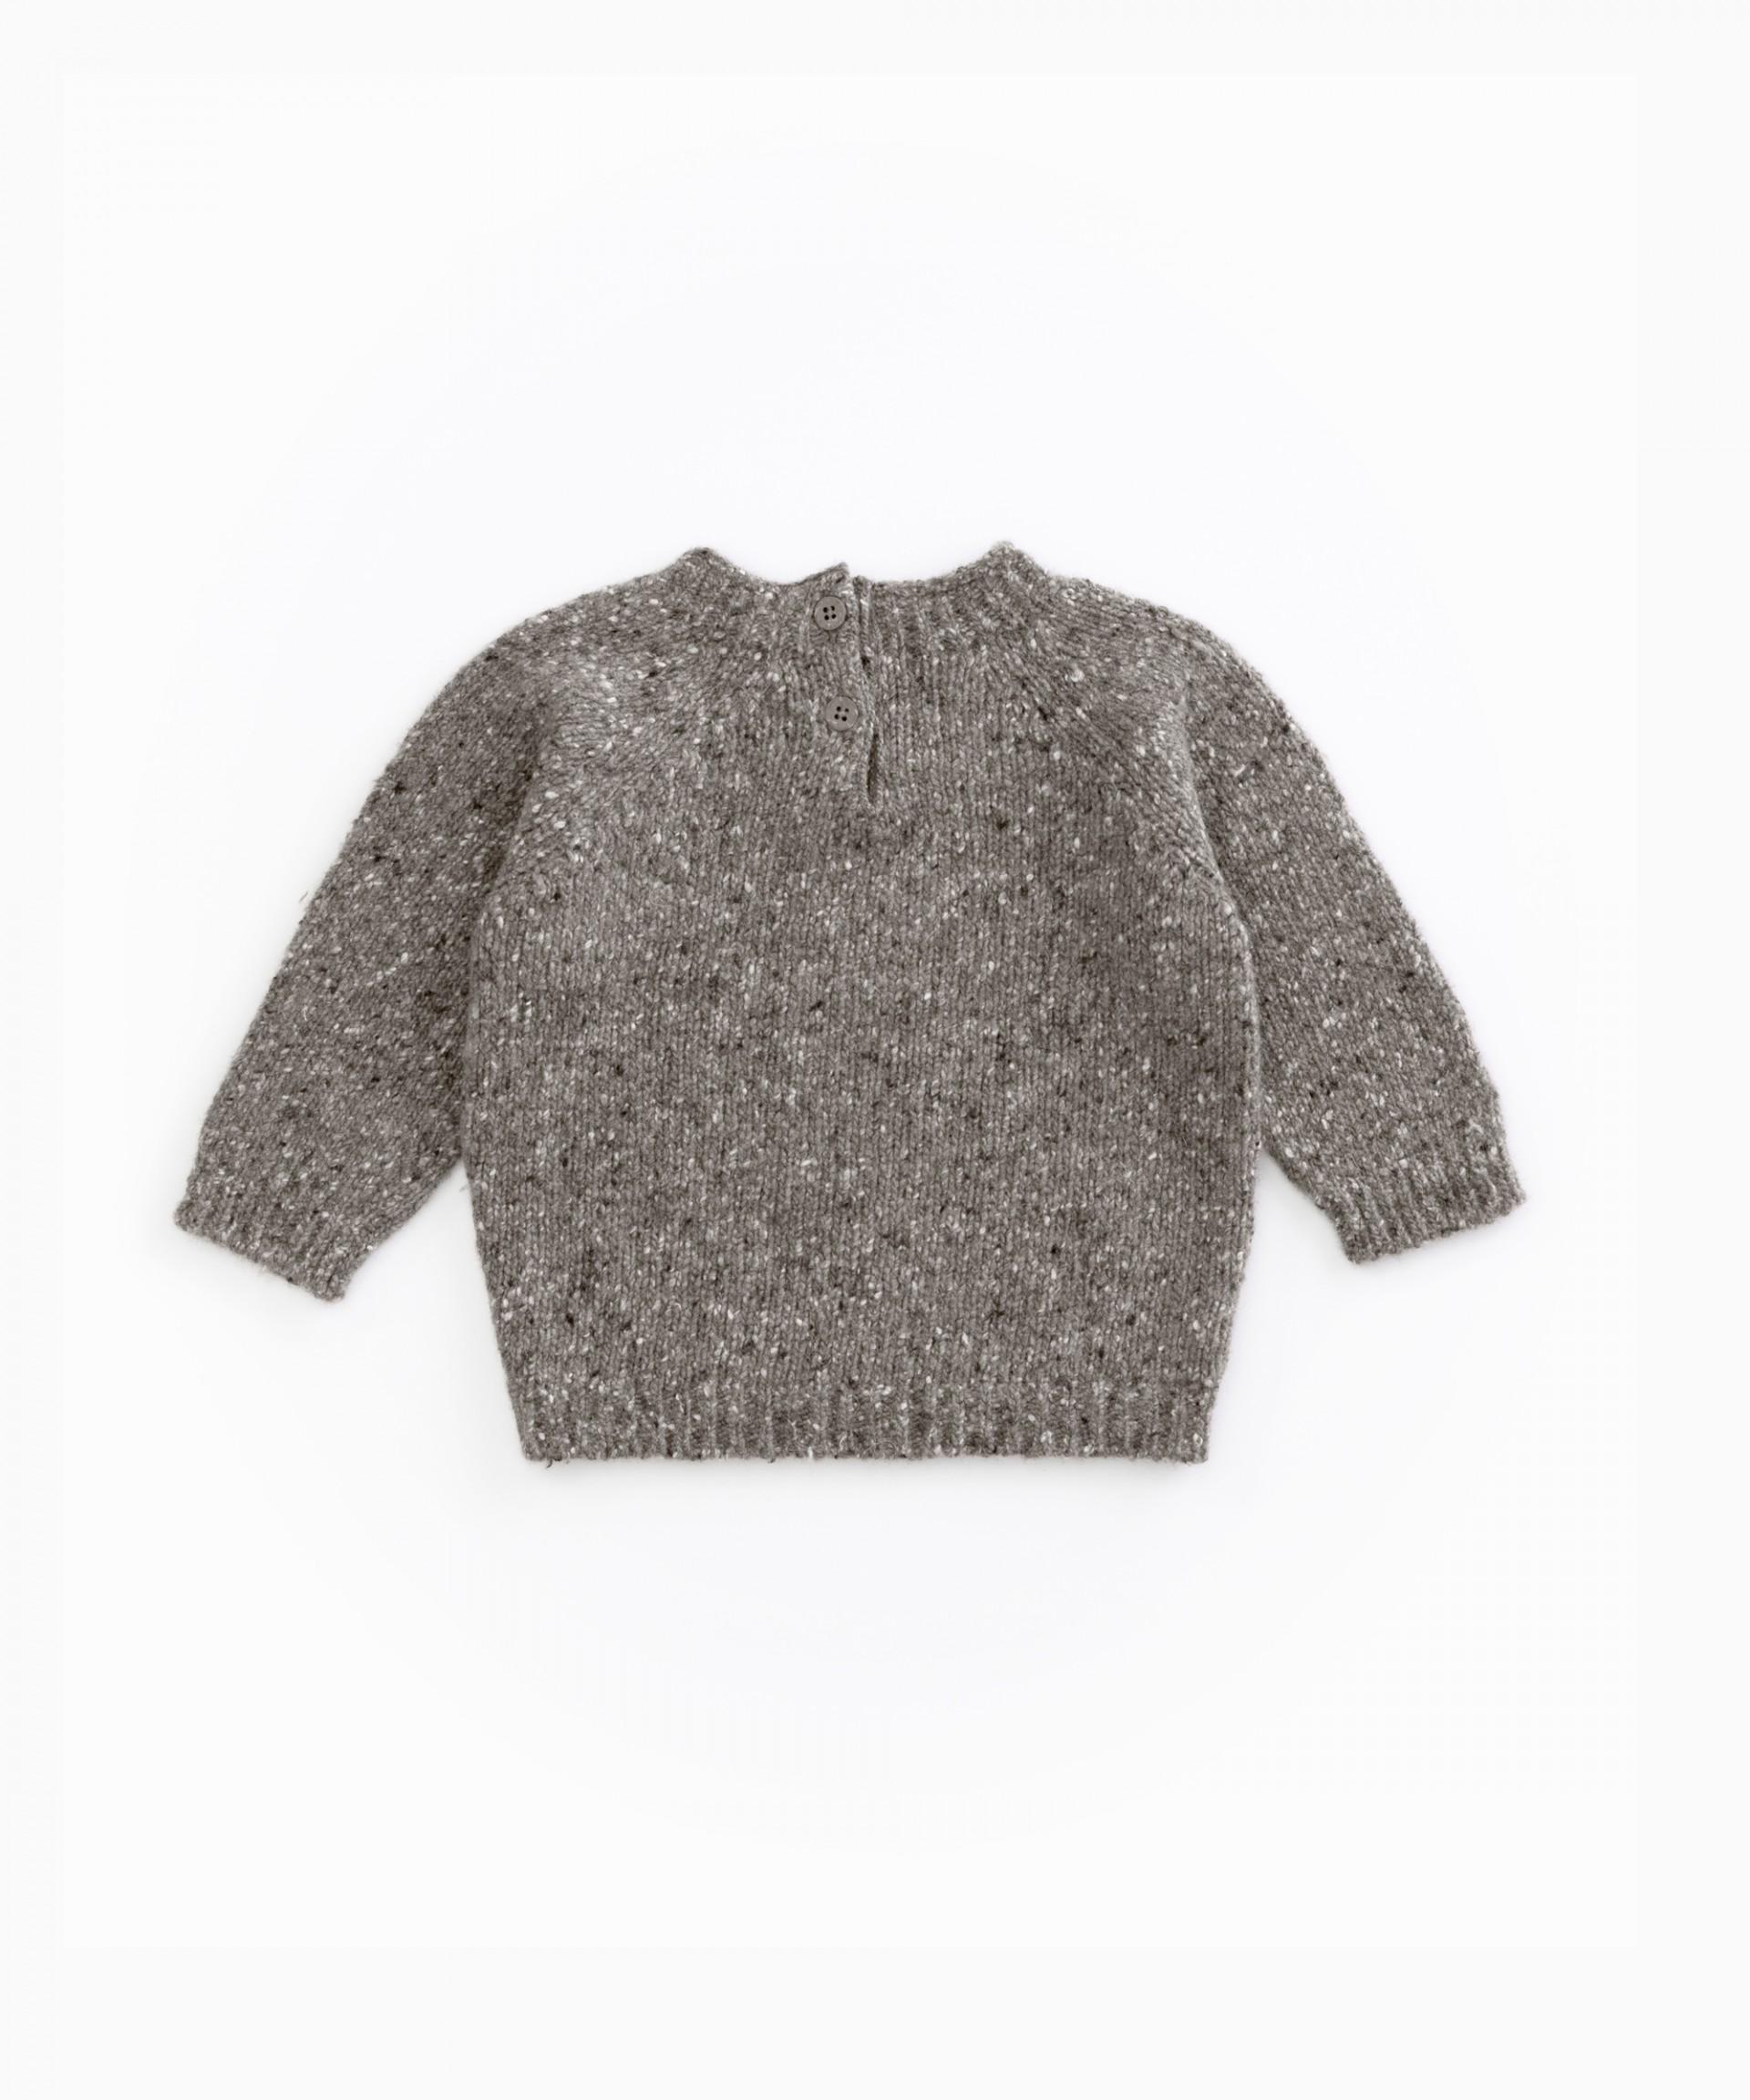 Jersey tricot con botones de coco | Woodwork